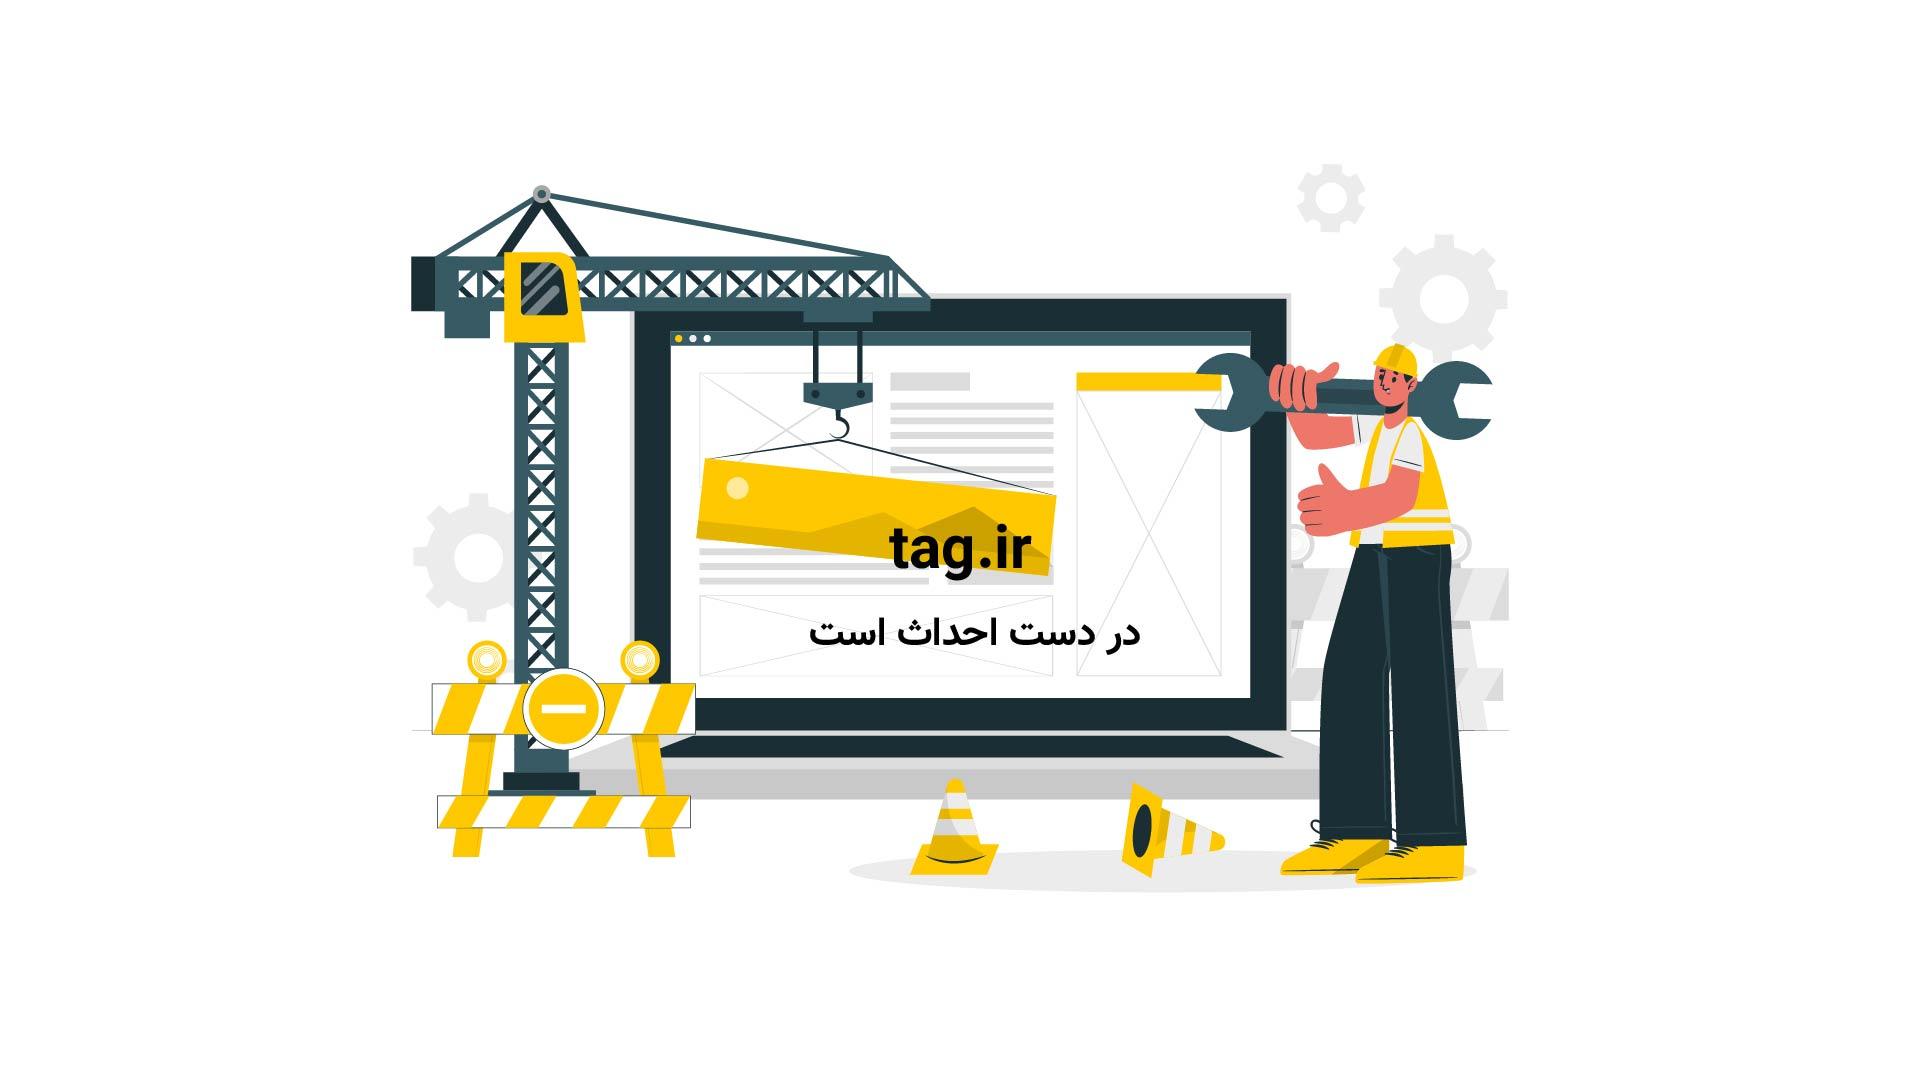 عناوین روزنامه های اقتصادی یکشنبه 18 تیر | فیلم